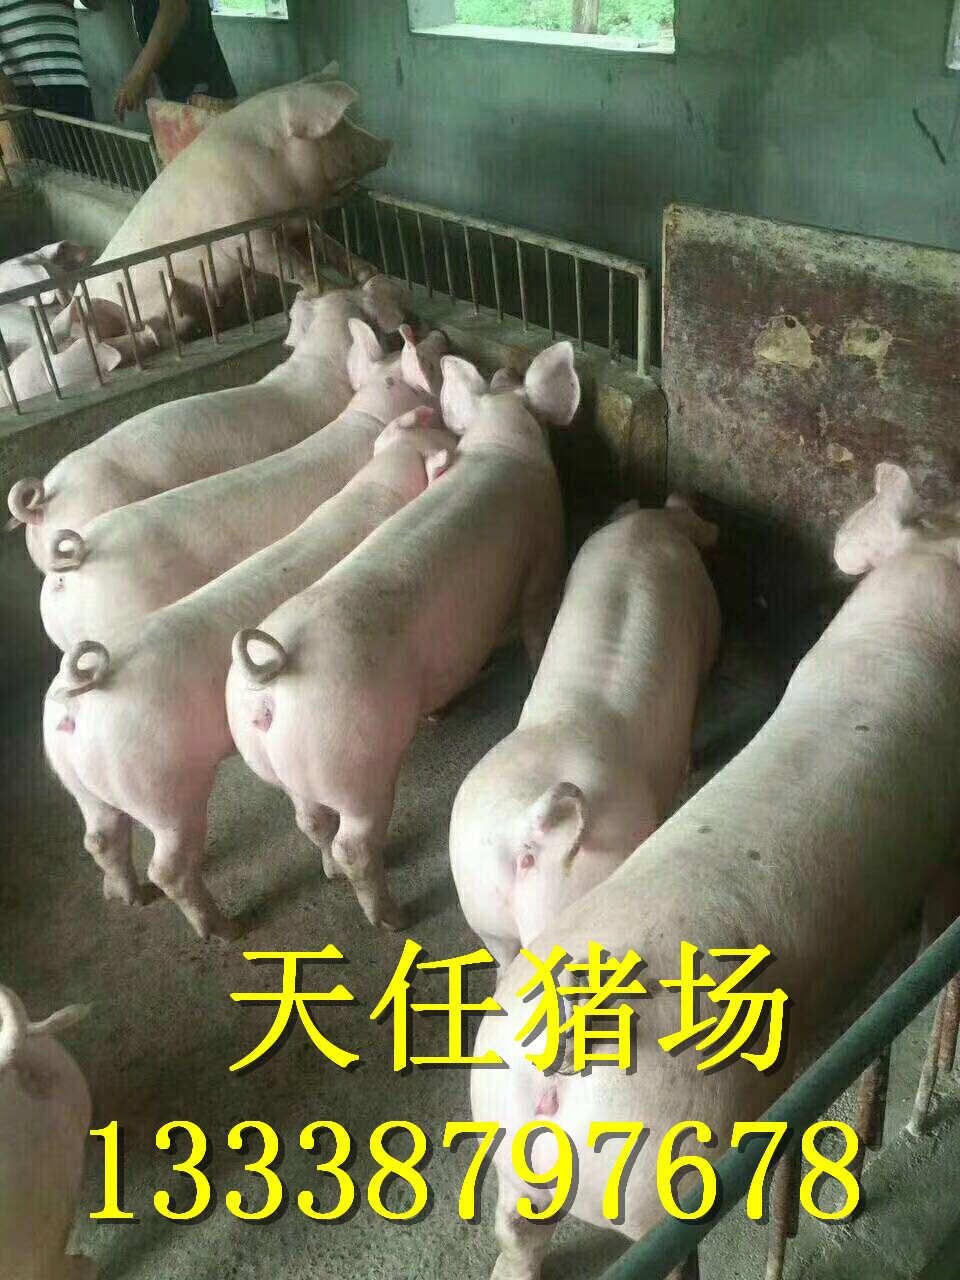 繁昌县小公猪养殖基地